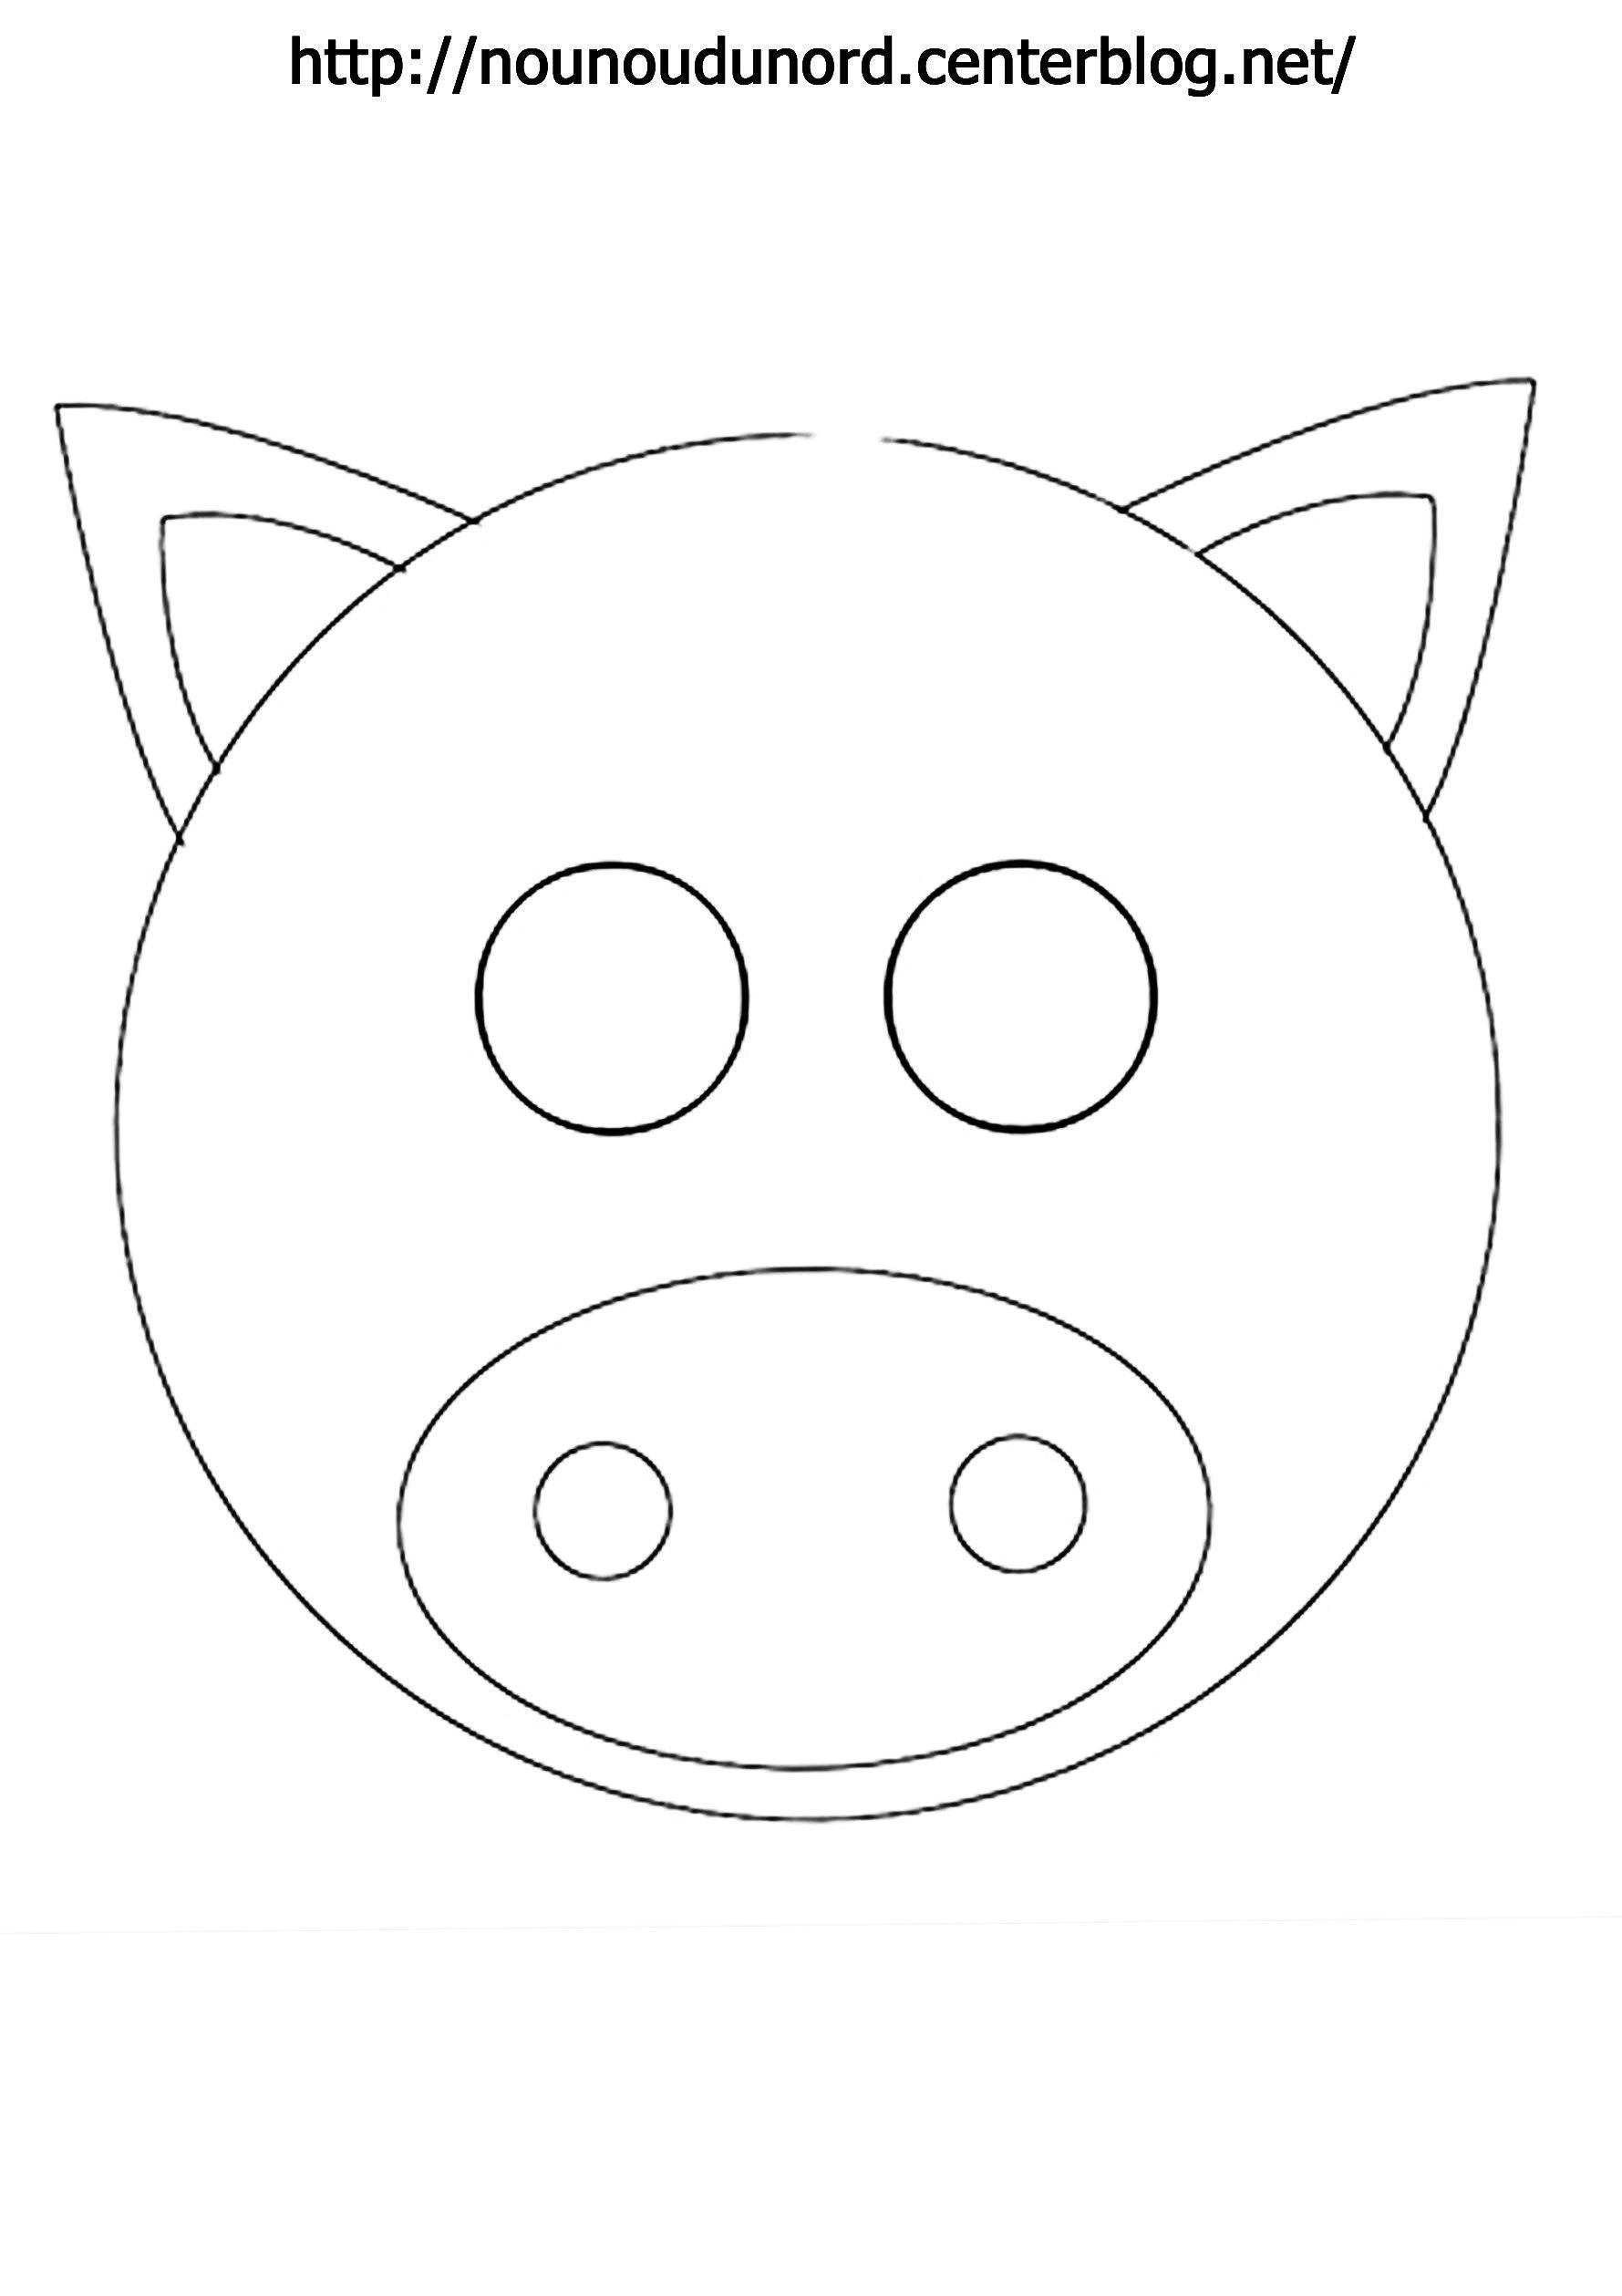 Nouveau Image A Colorier De Cochon